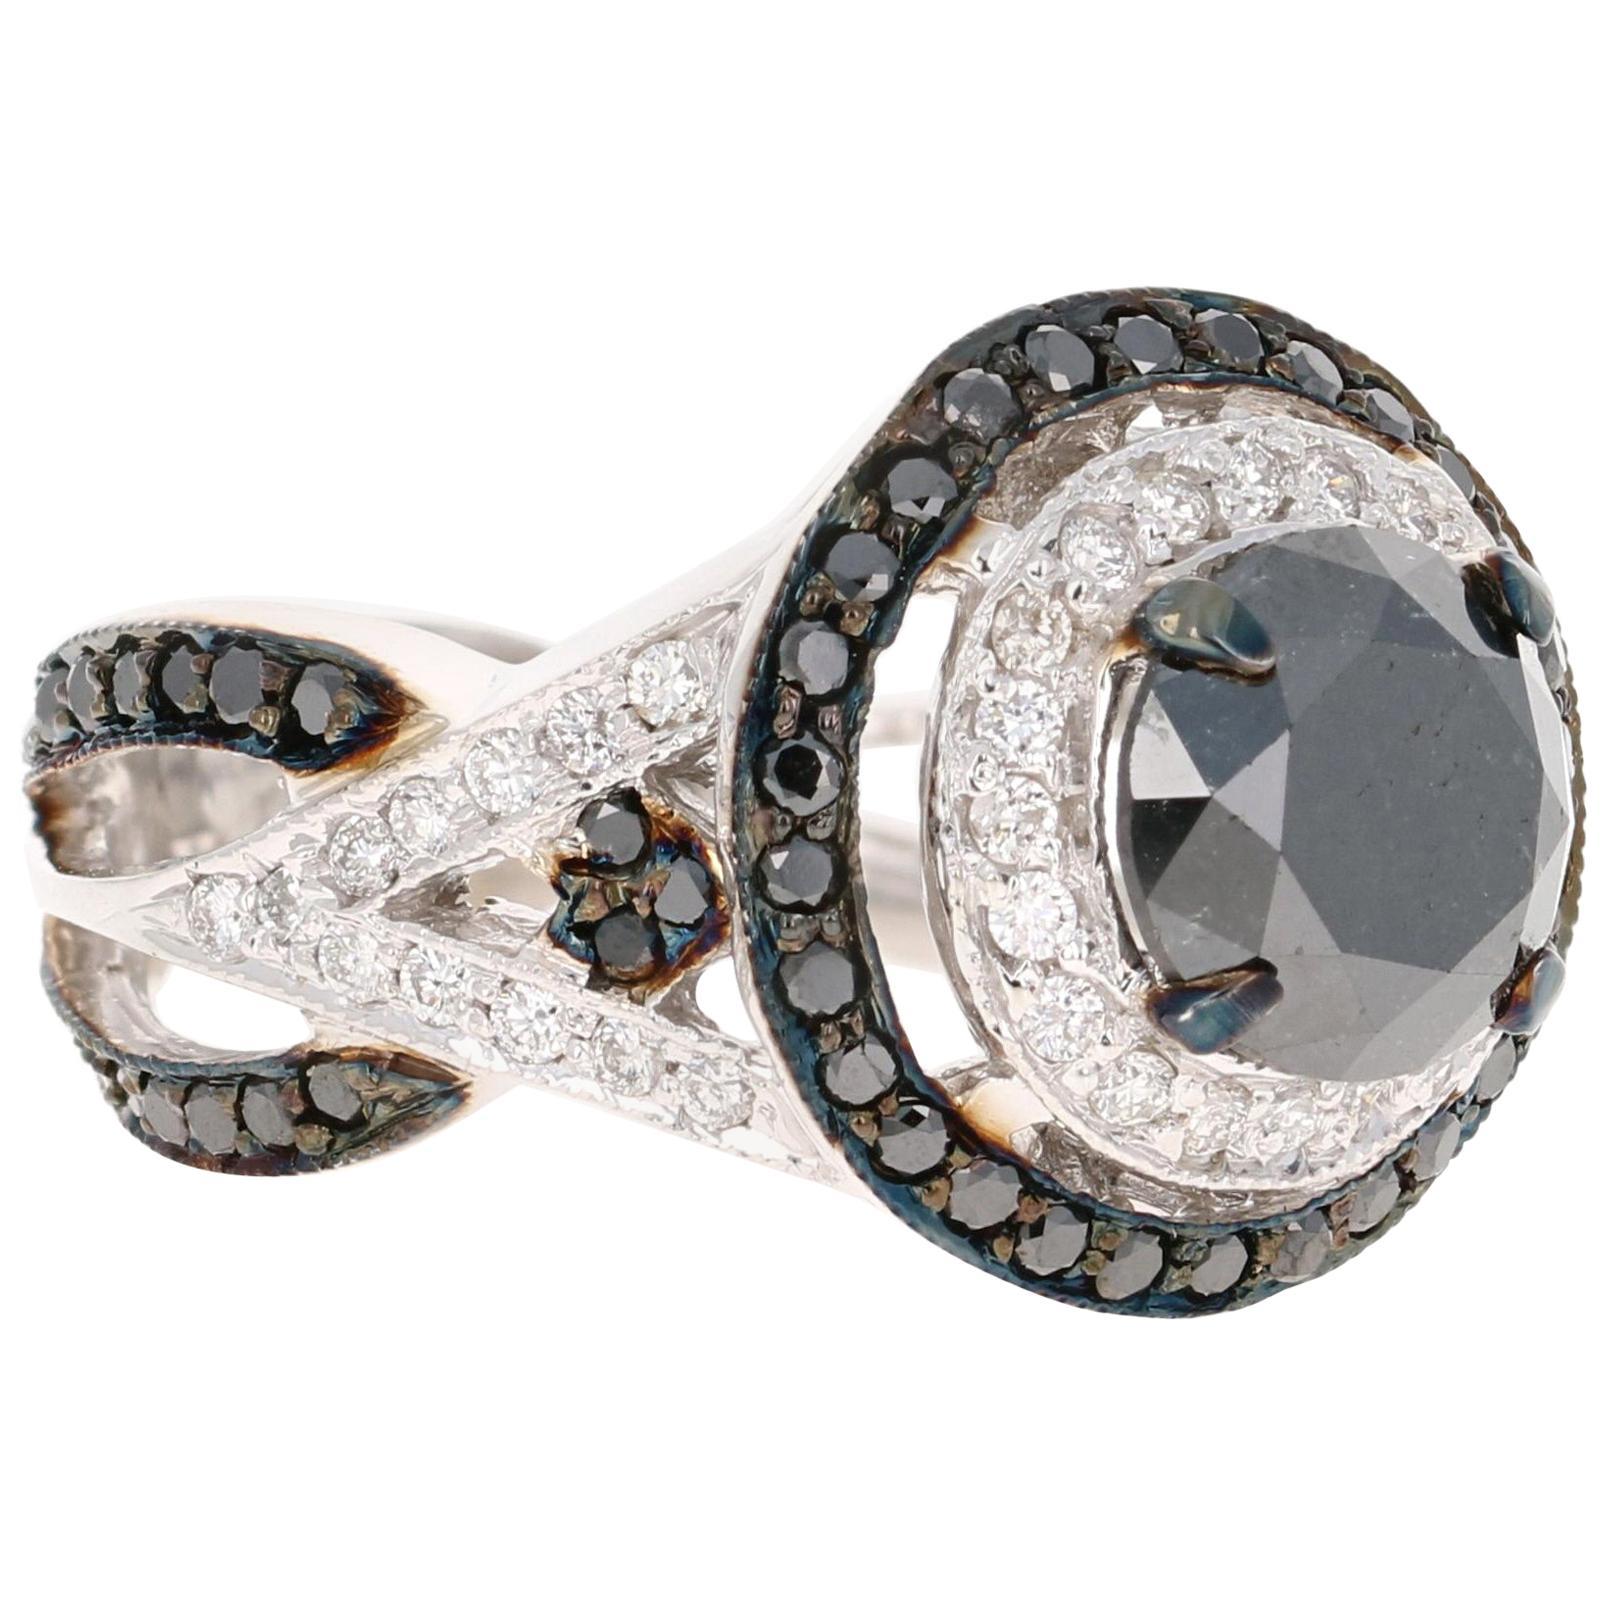 4.17 Carat Round Cut Black Diamond 14 Karat White Gold Engagement Ring